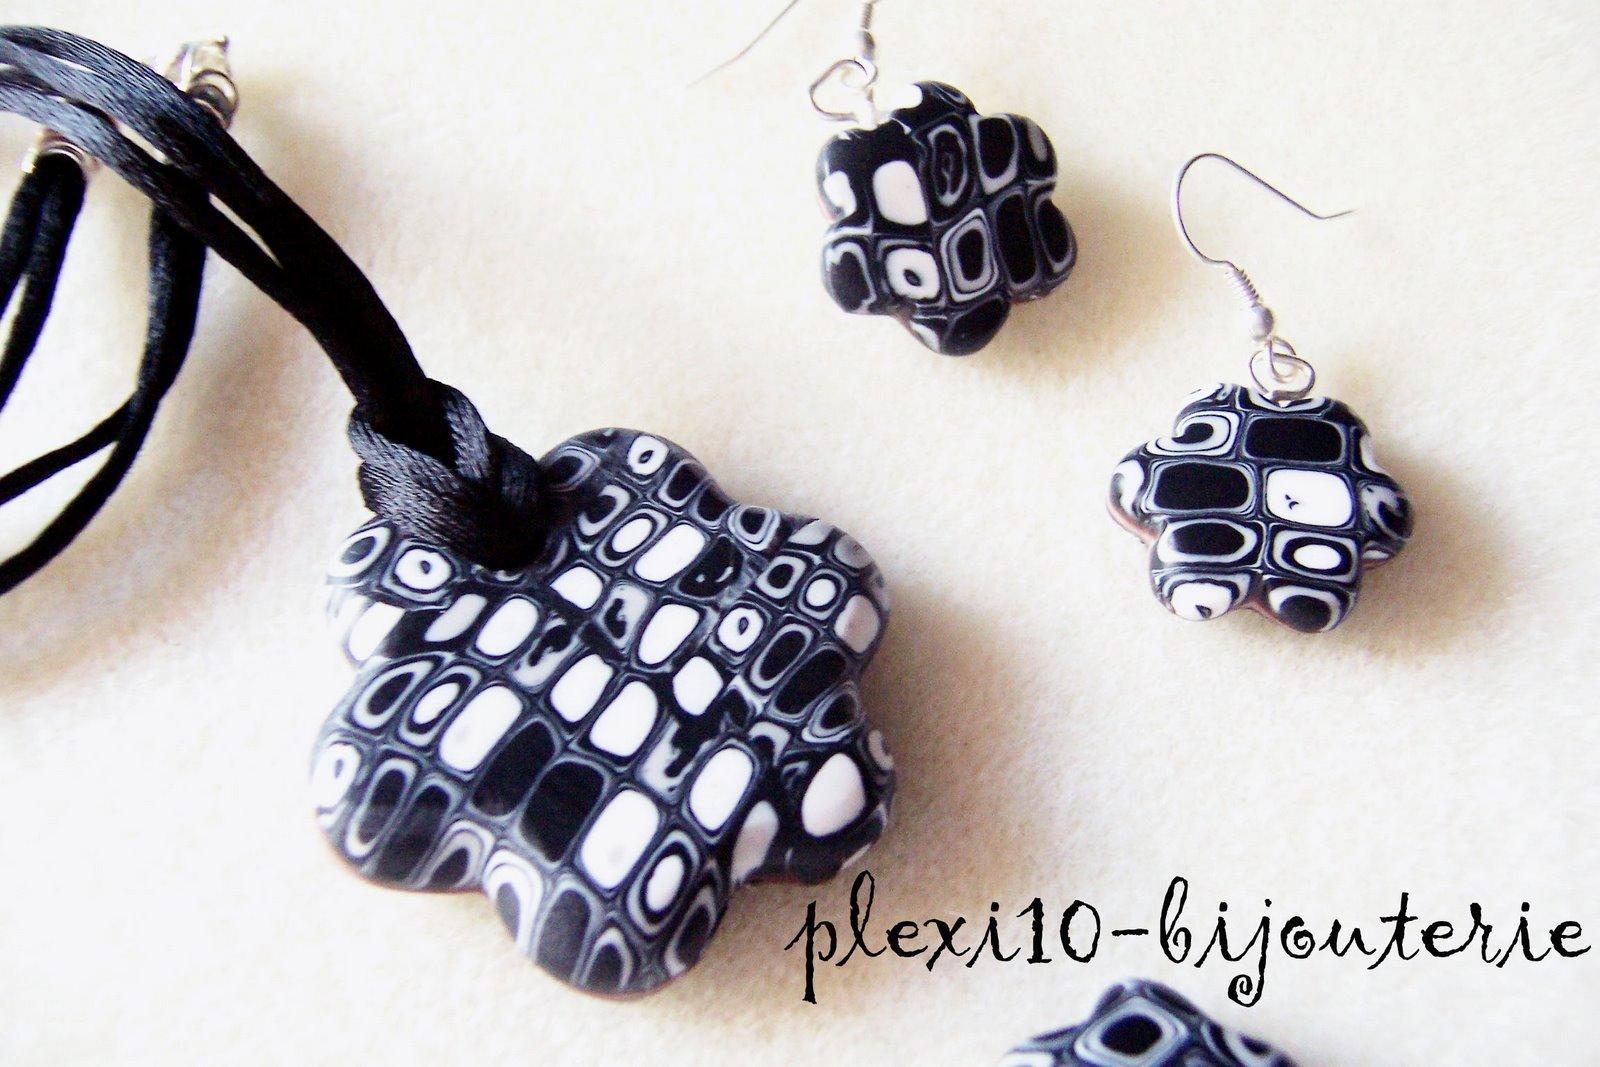 [Colgante+y+pendientes+flor+retro+negro.jpg]